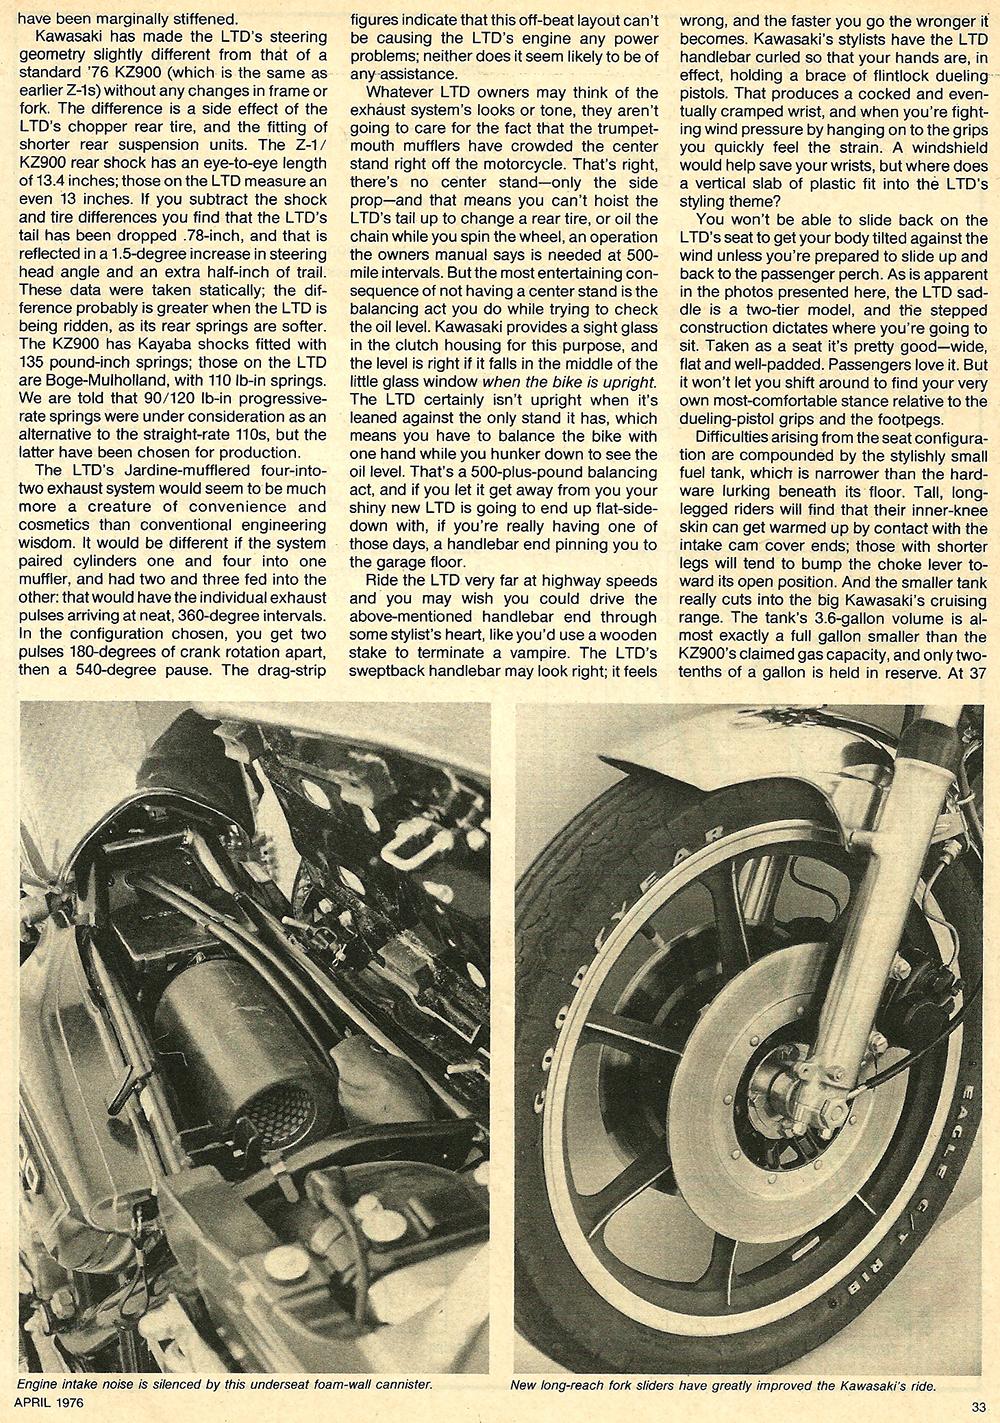 1976 Kawasaki KZ900 LTD road test 4.jpg